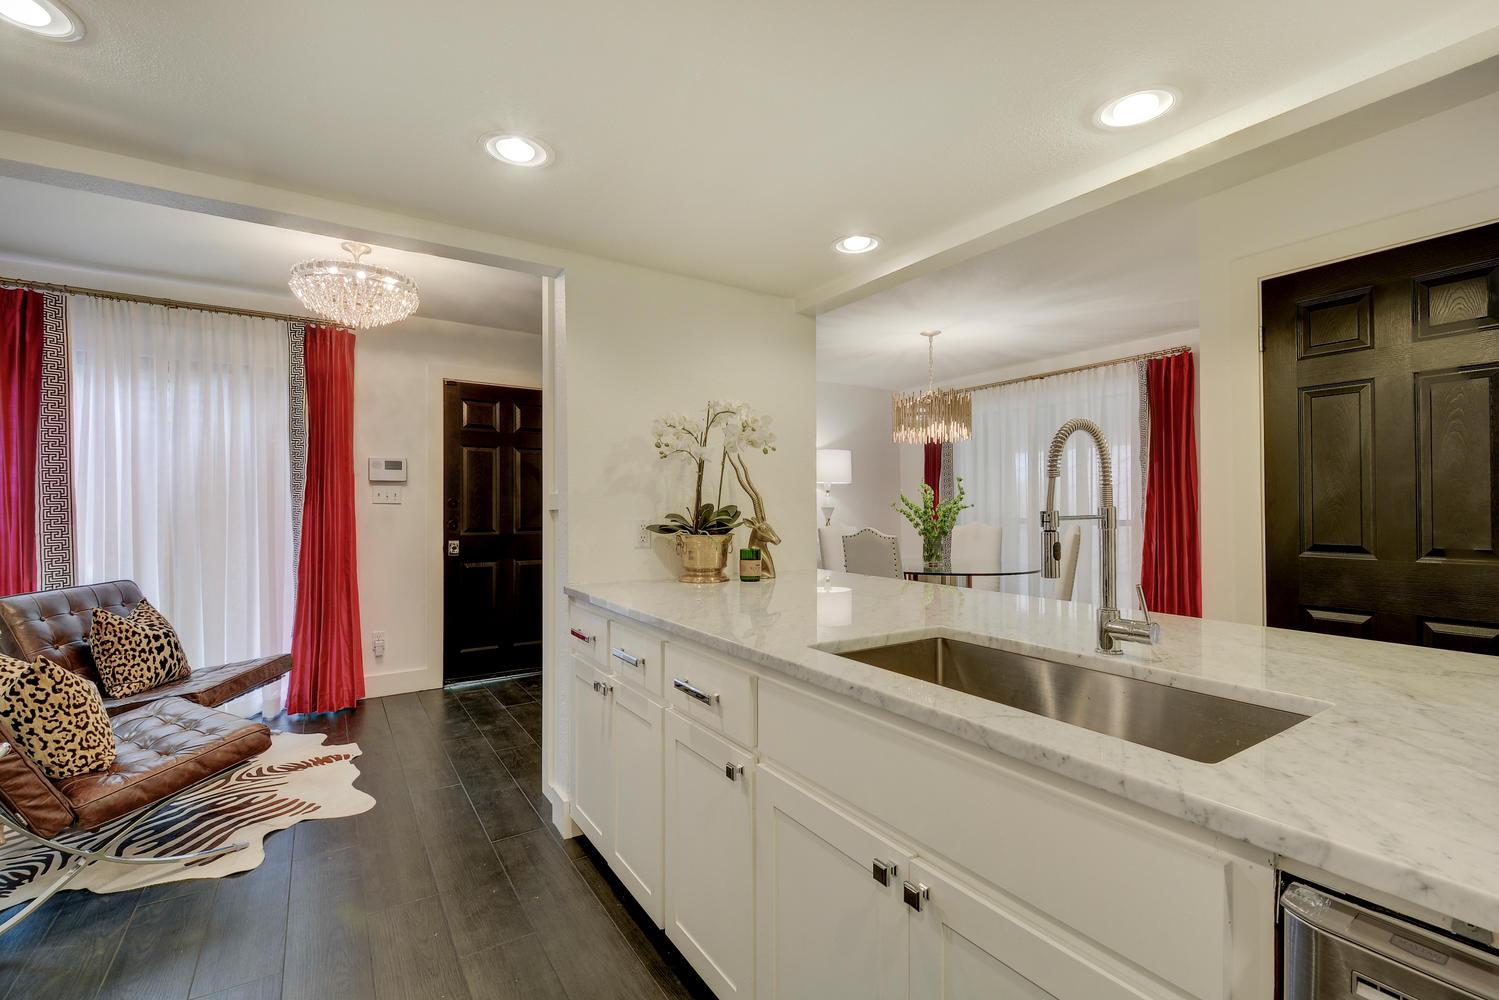 kitchen-to-nook.jpg